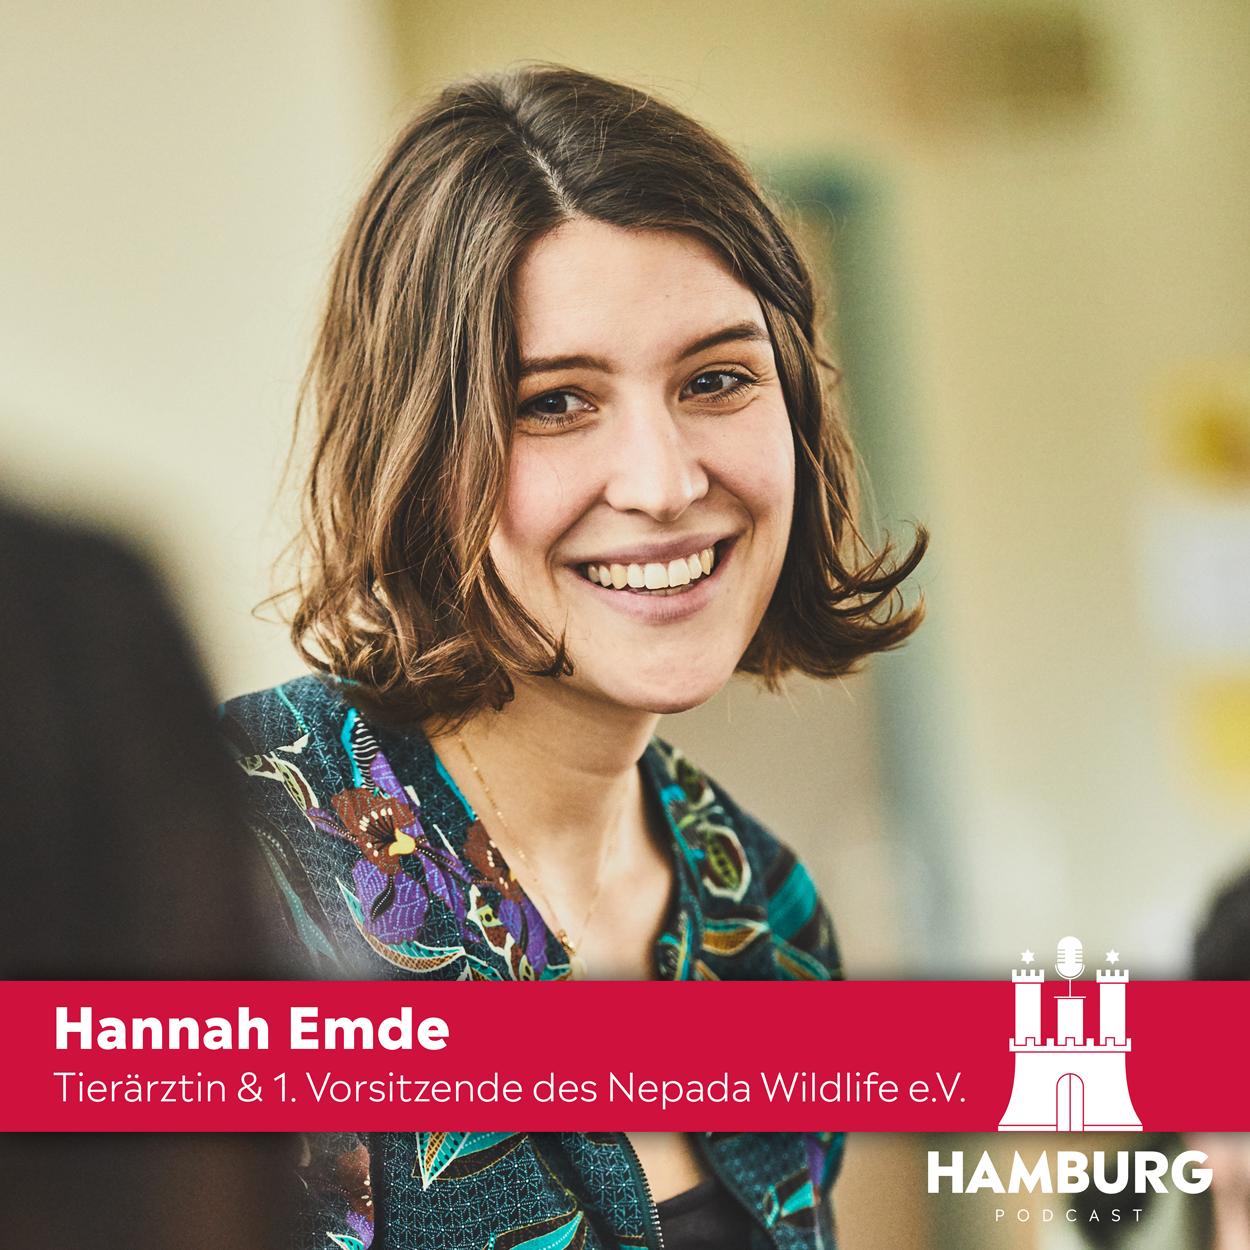 Hannah Emde